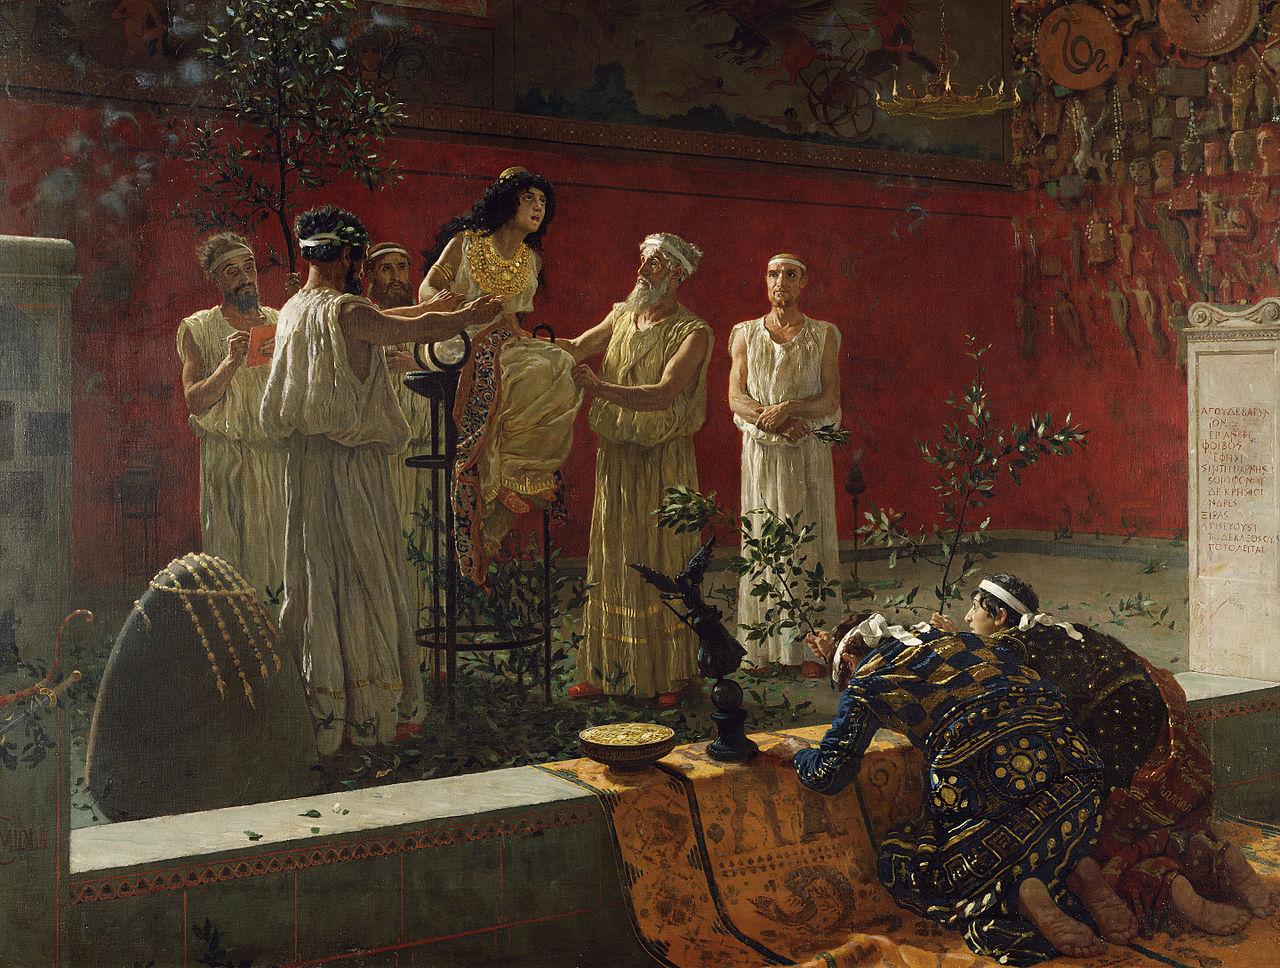 لوحة زيتية على قماش من عام 1880 للفنان الإيطالي كاميلو مولا المعروف باسم أوراكل